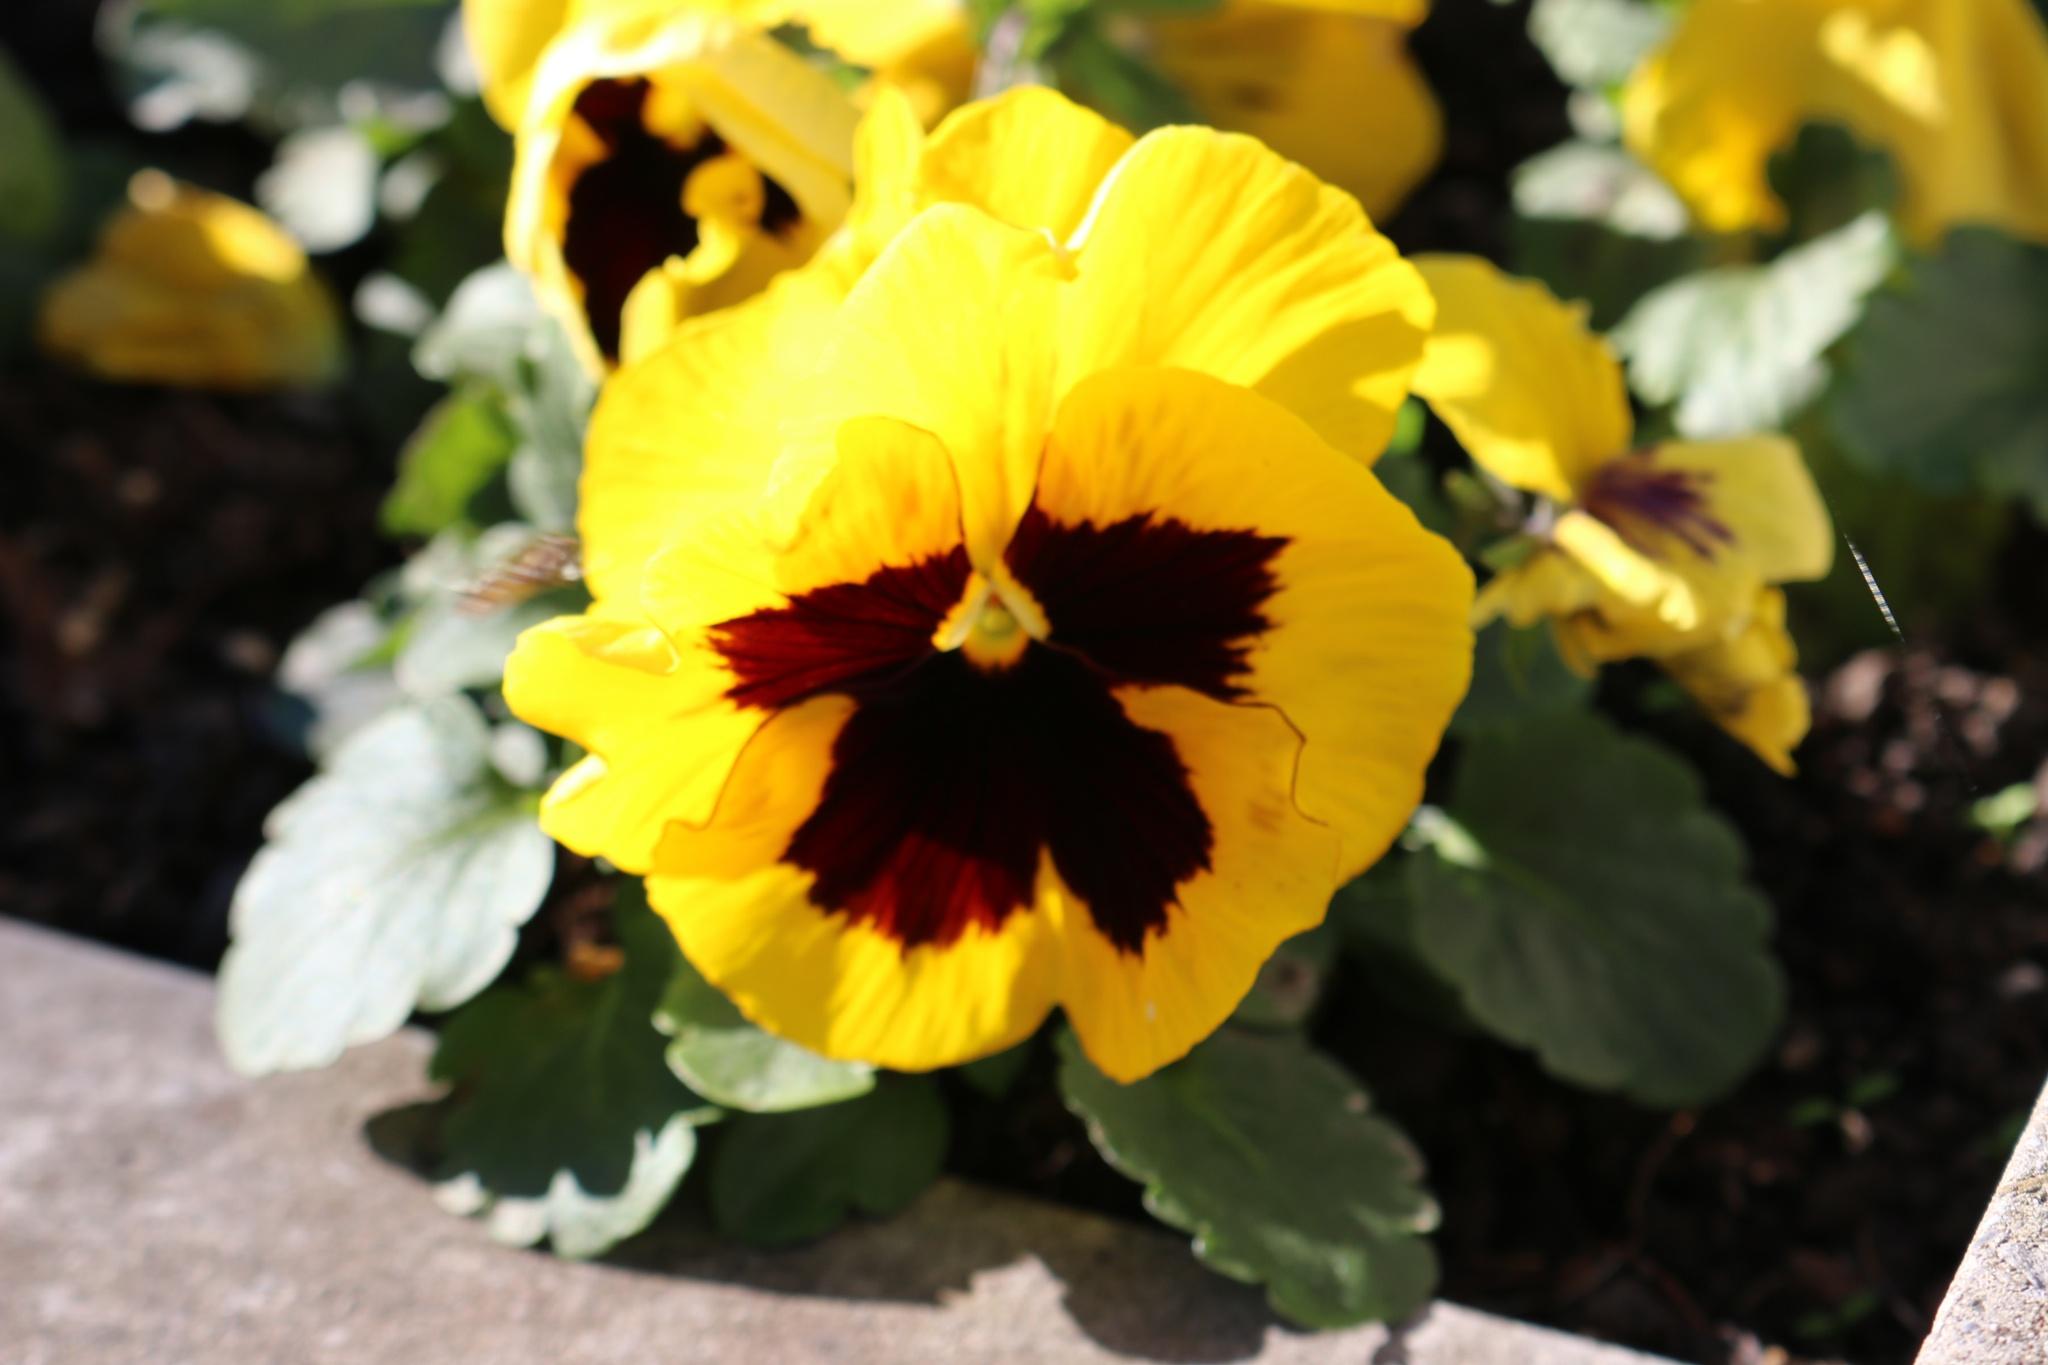 Flor amarela by lucihalves